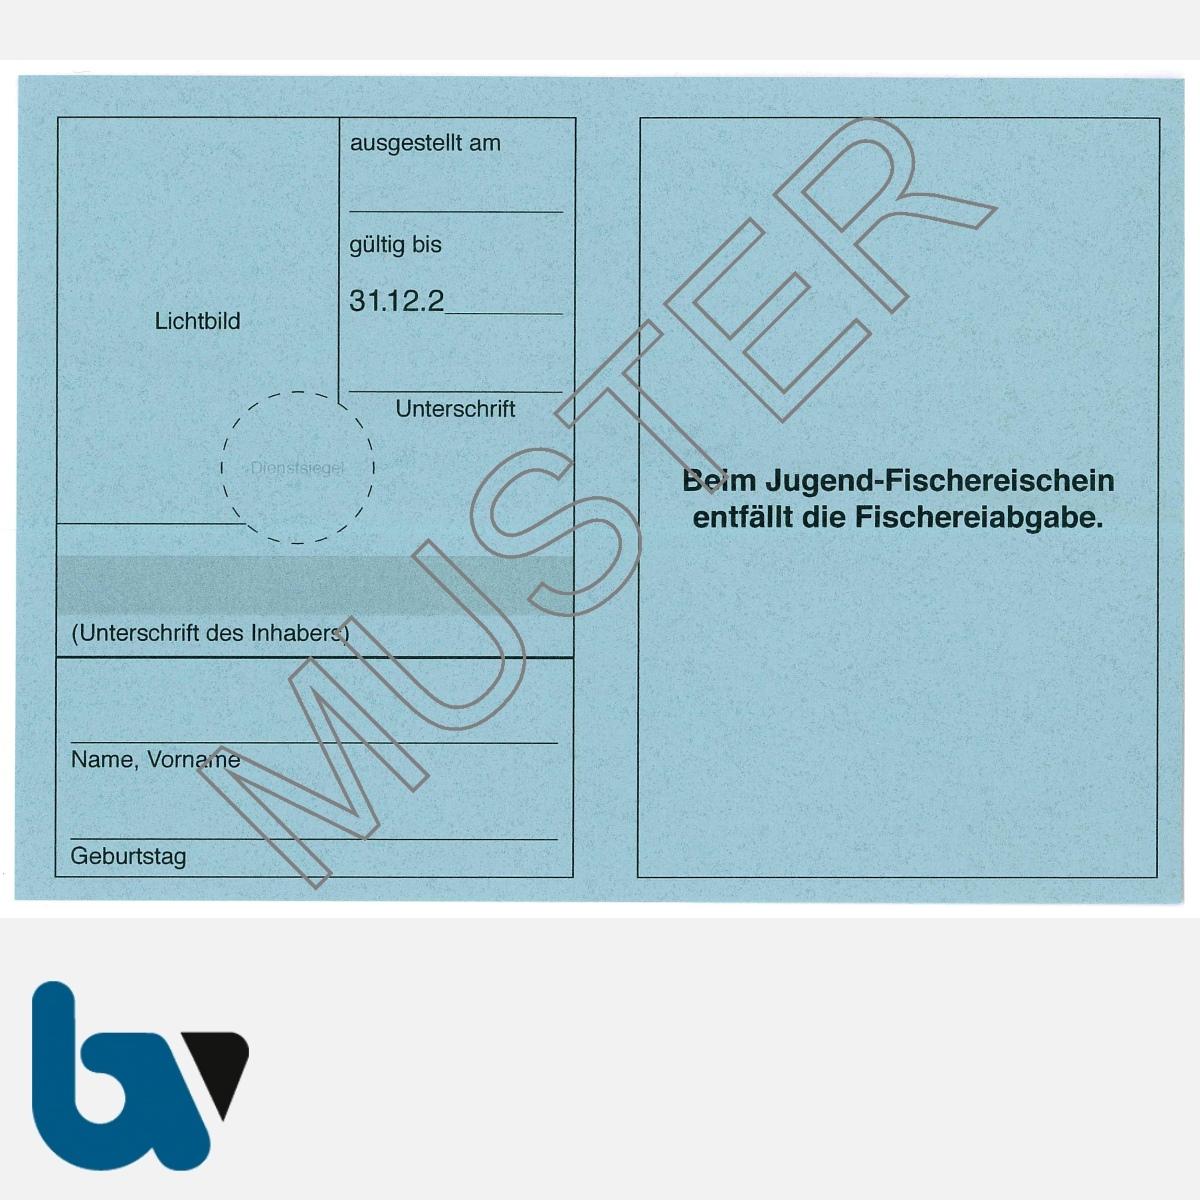 5/456-3 Jugendfischereischein BW Baden Württemberg blau Neobond Muster RS   Borgard Verlag GmbH